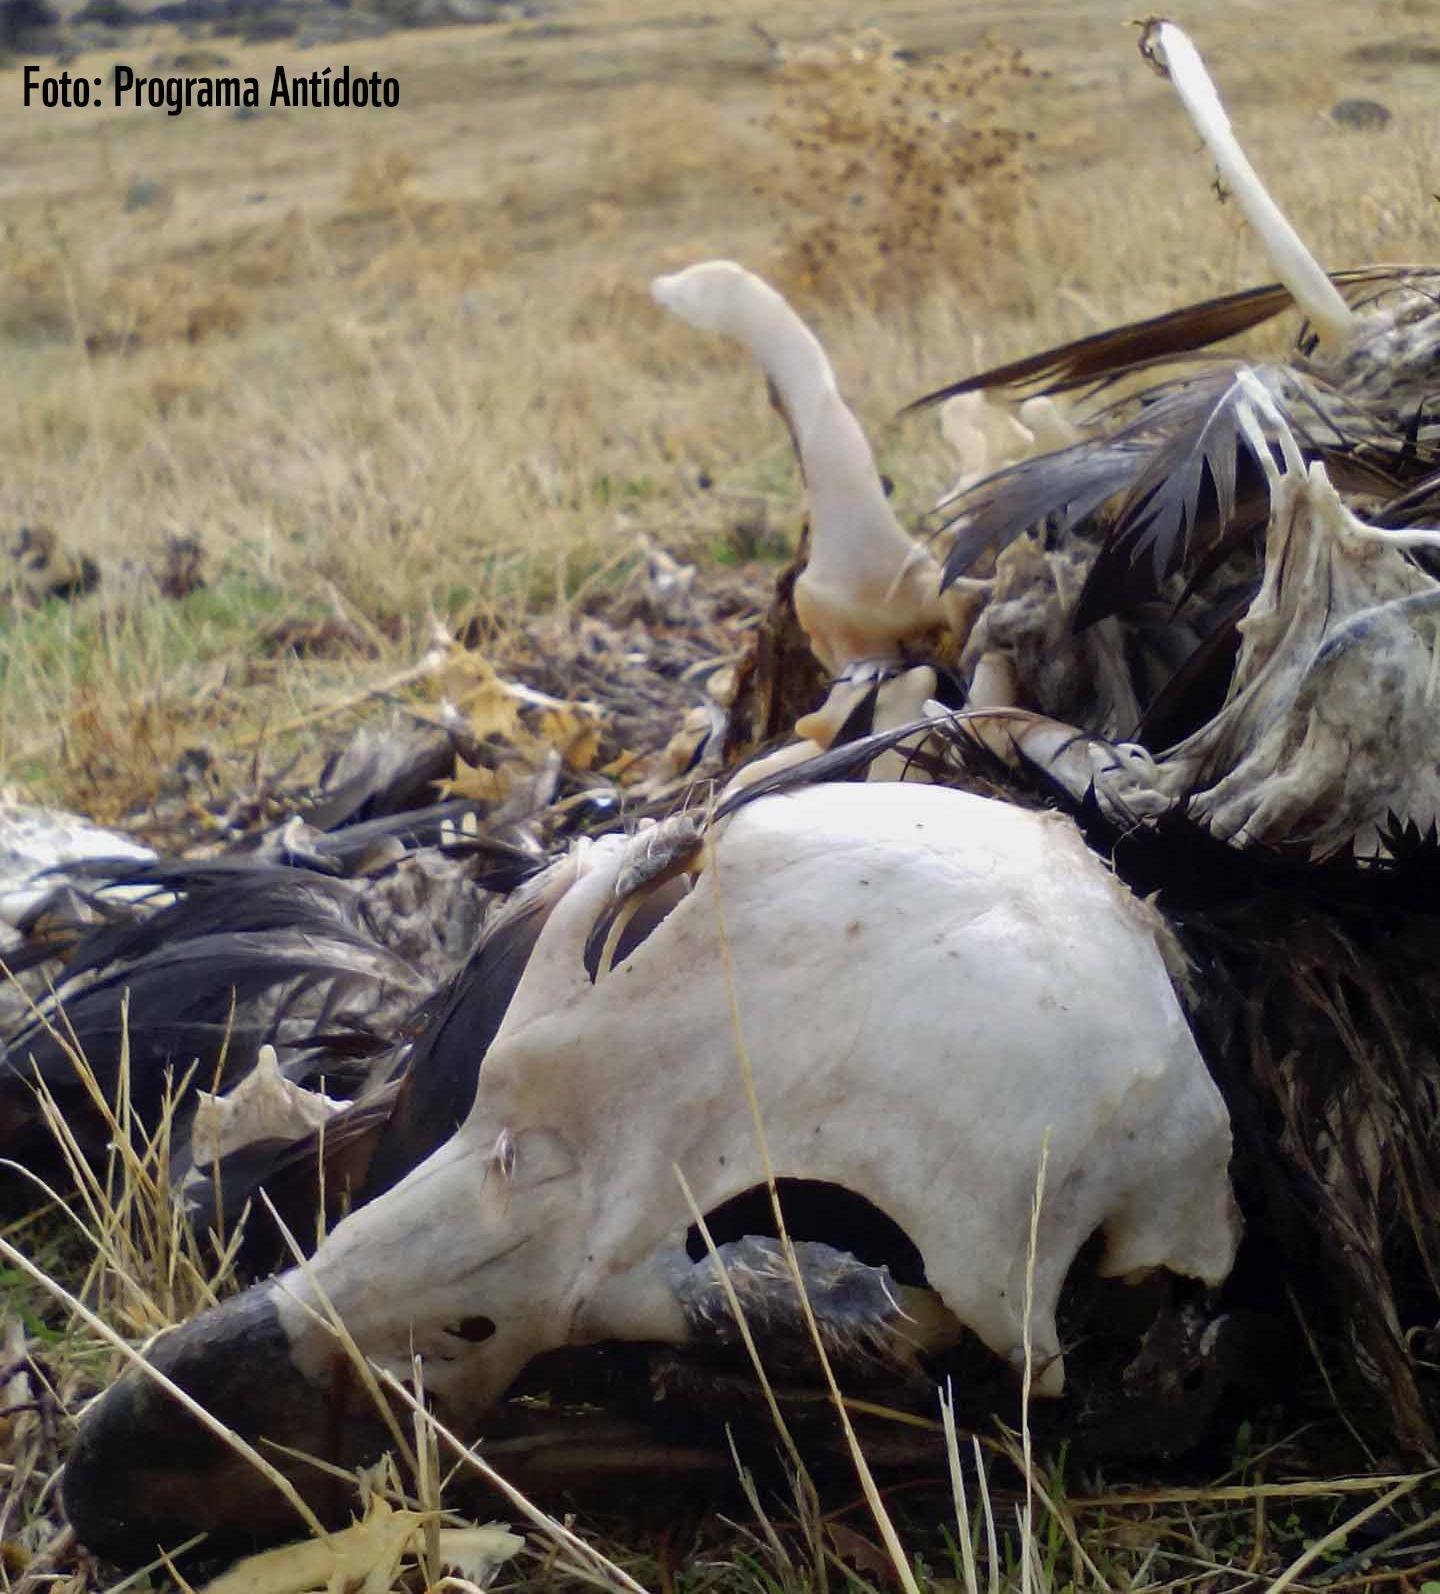 Muerte de aves protegidas en el vertedero del CTR Ávila-Norte